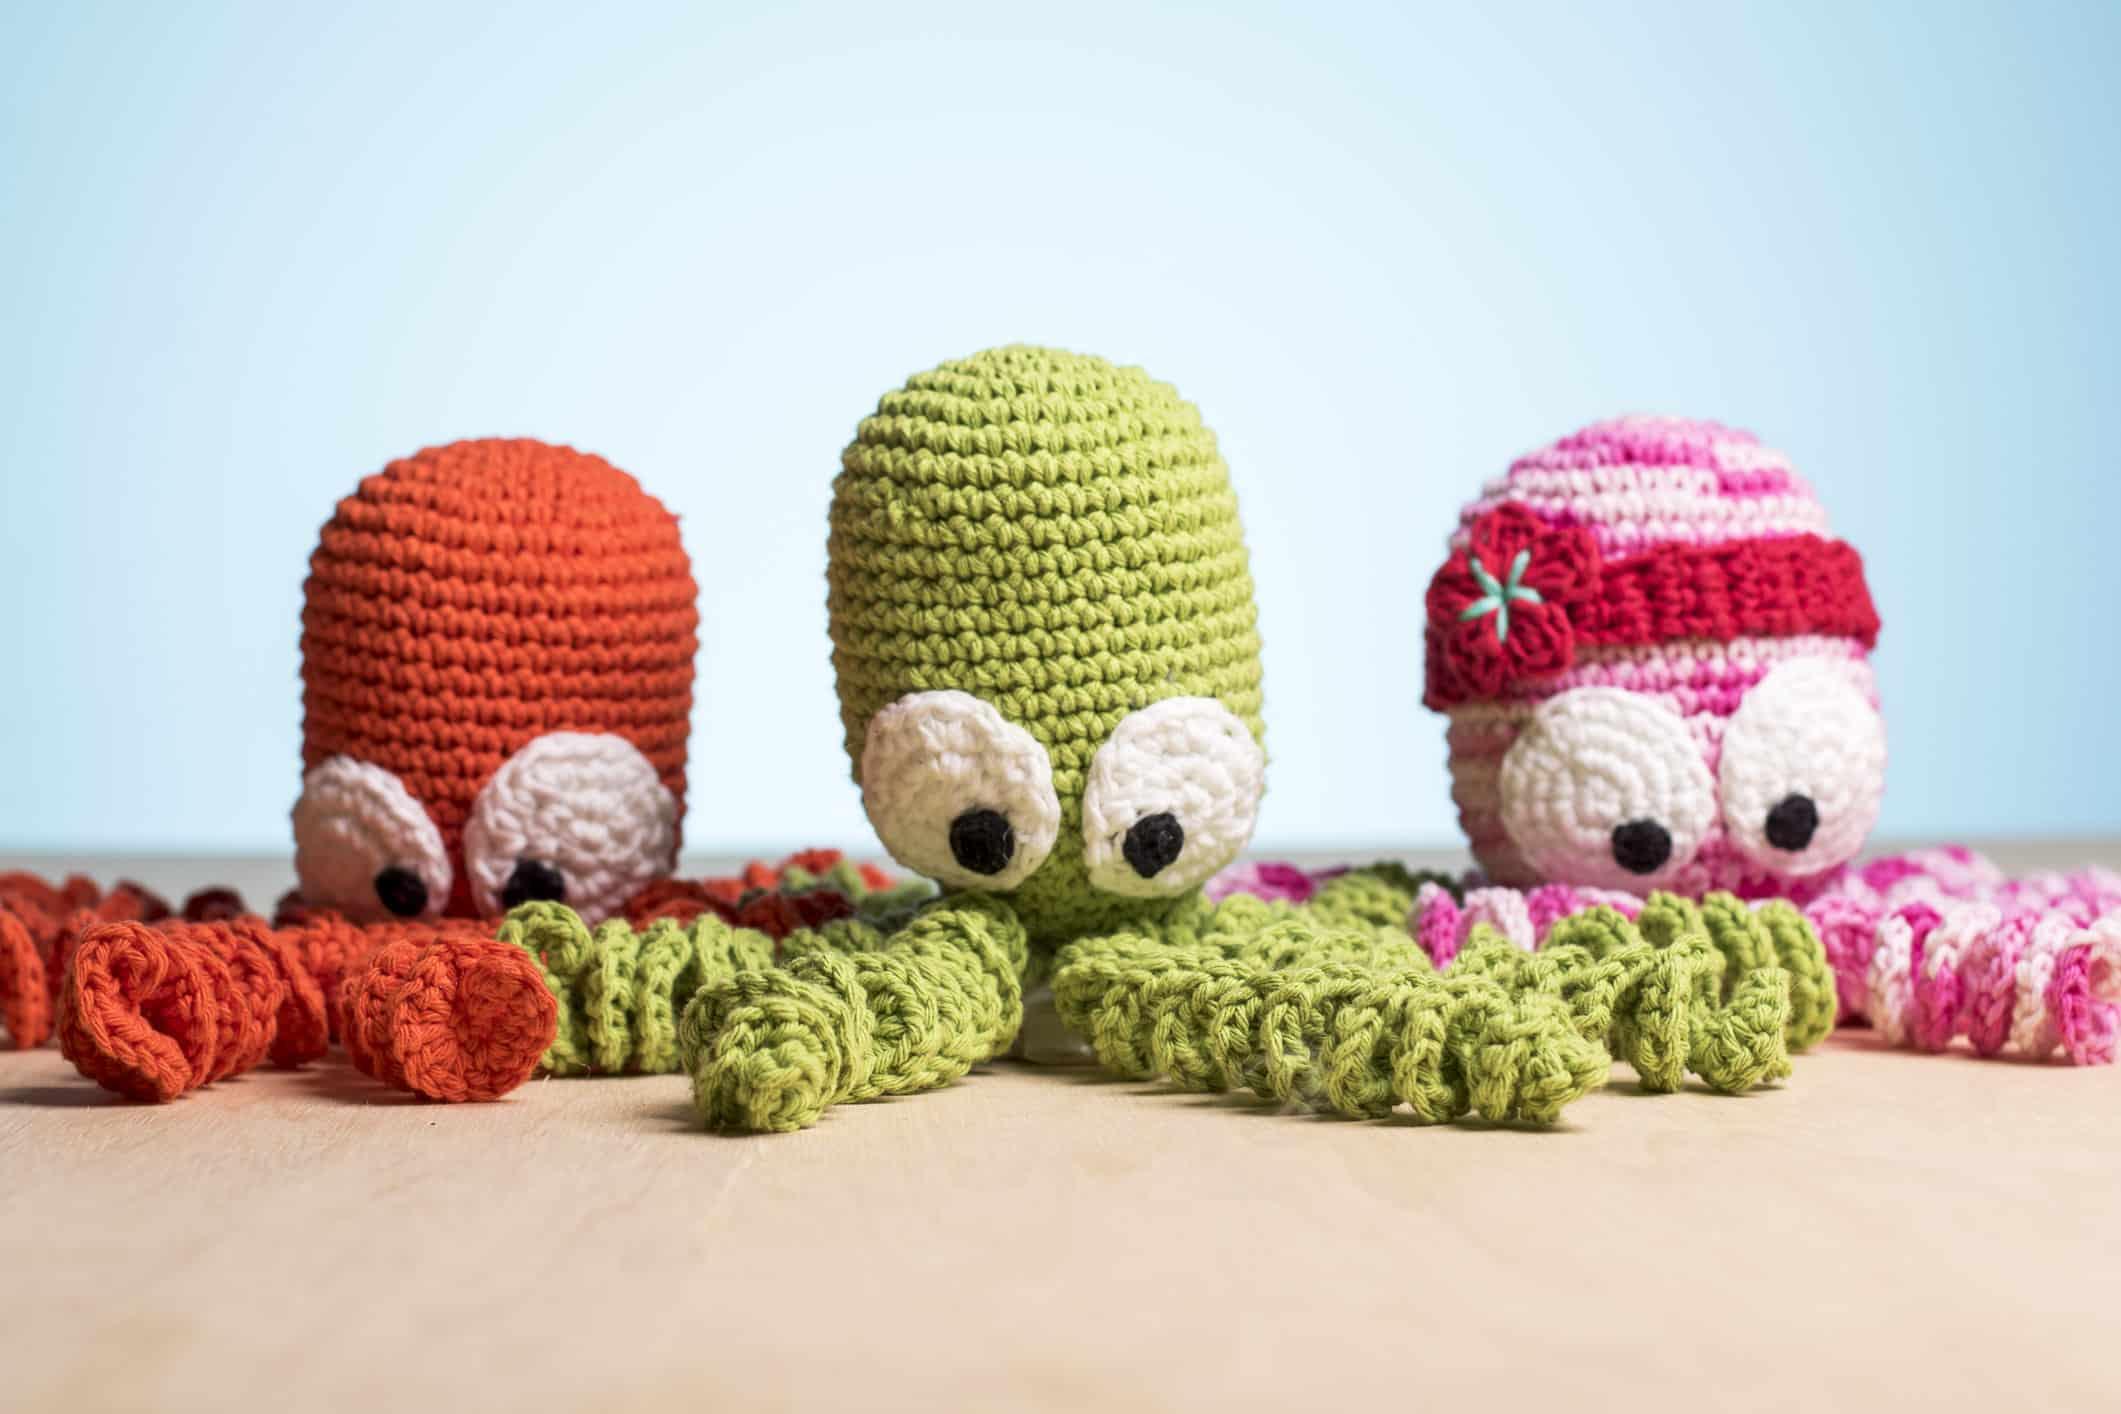 Inspire-se nos modelos abaixo para aprender como fazer polvo de crochê à sua maneira.